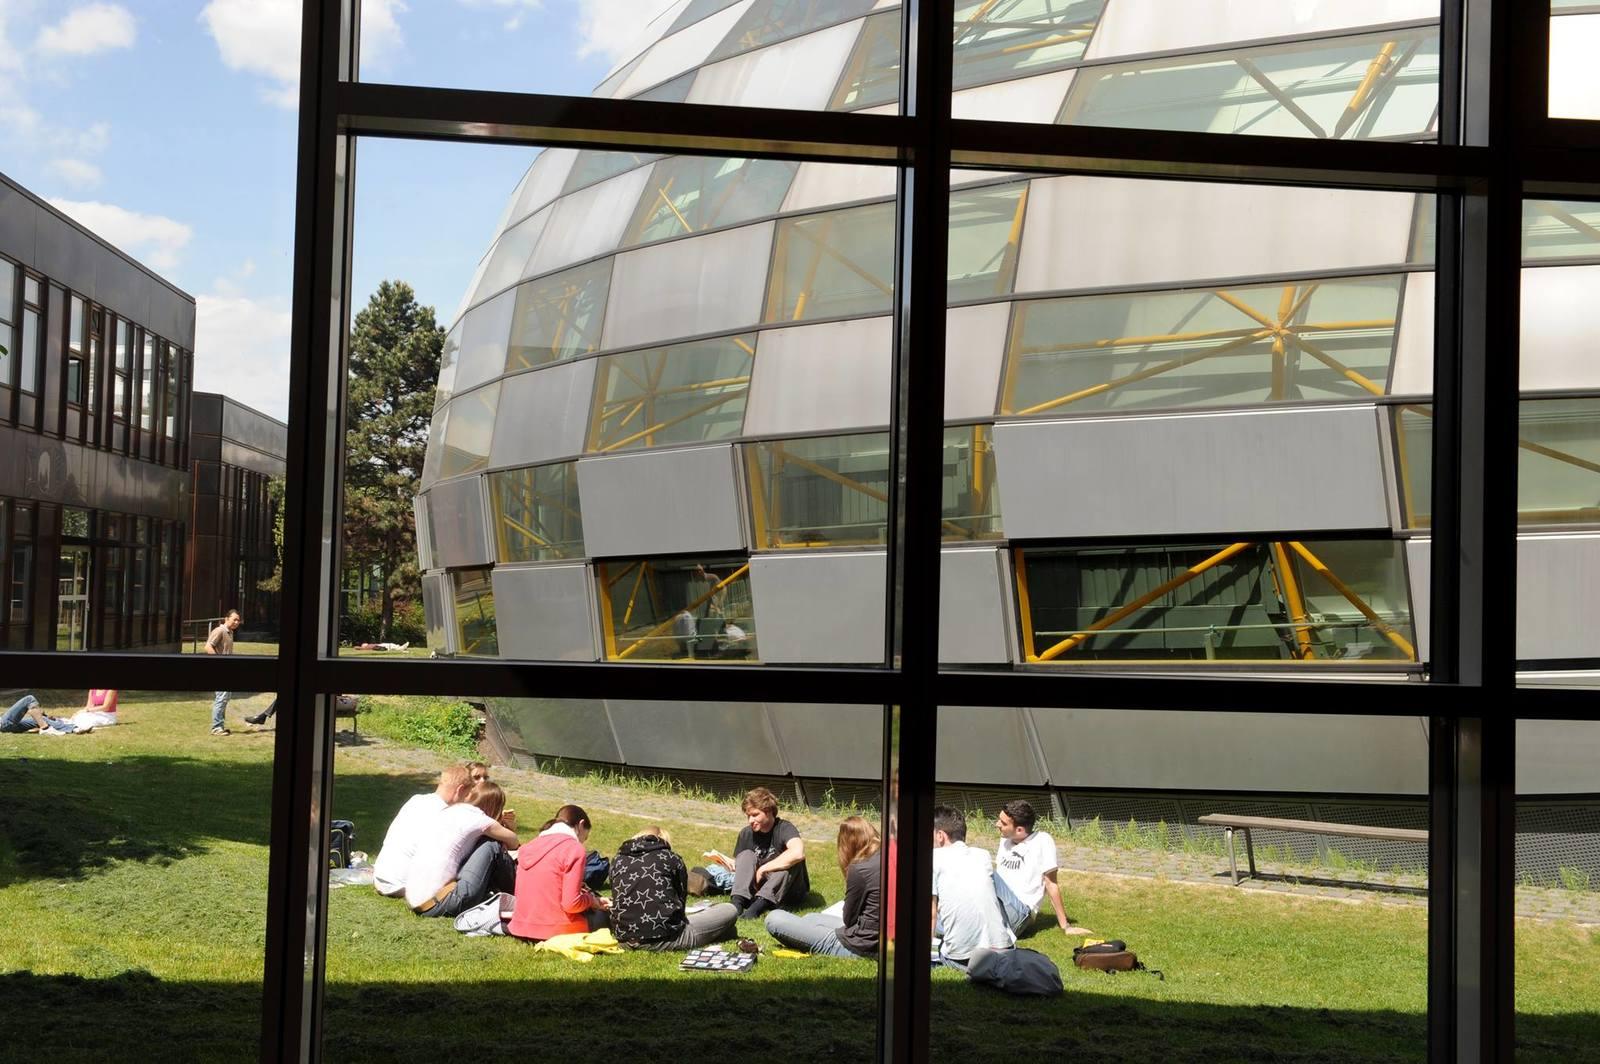 Обучение в Берлине: преимущества и подводные камни   Пикабу